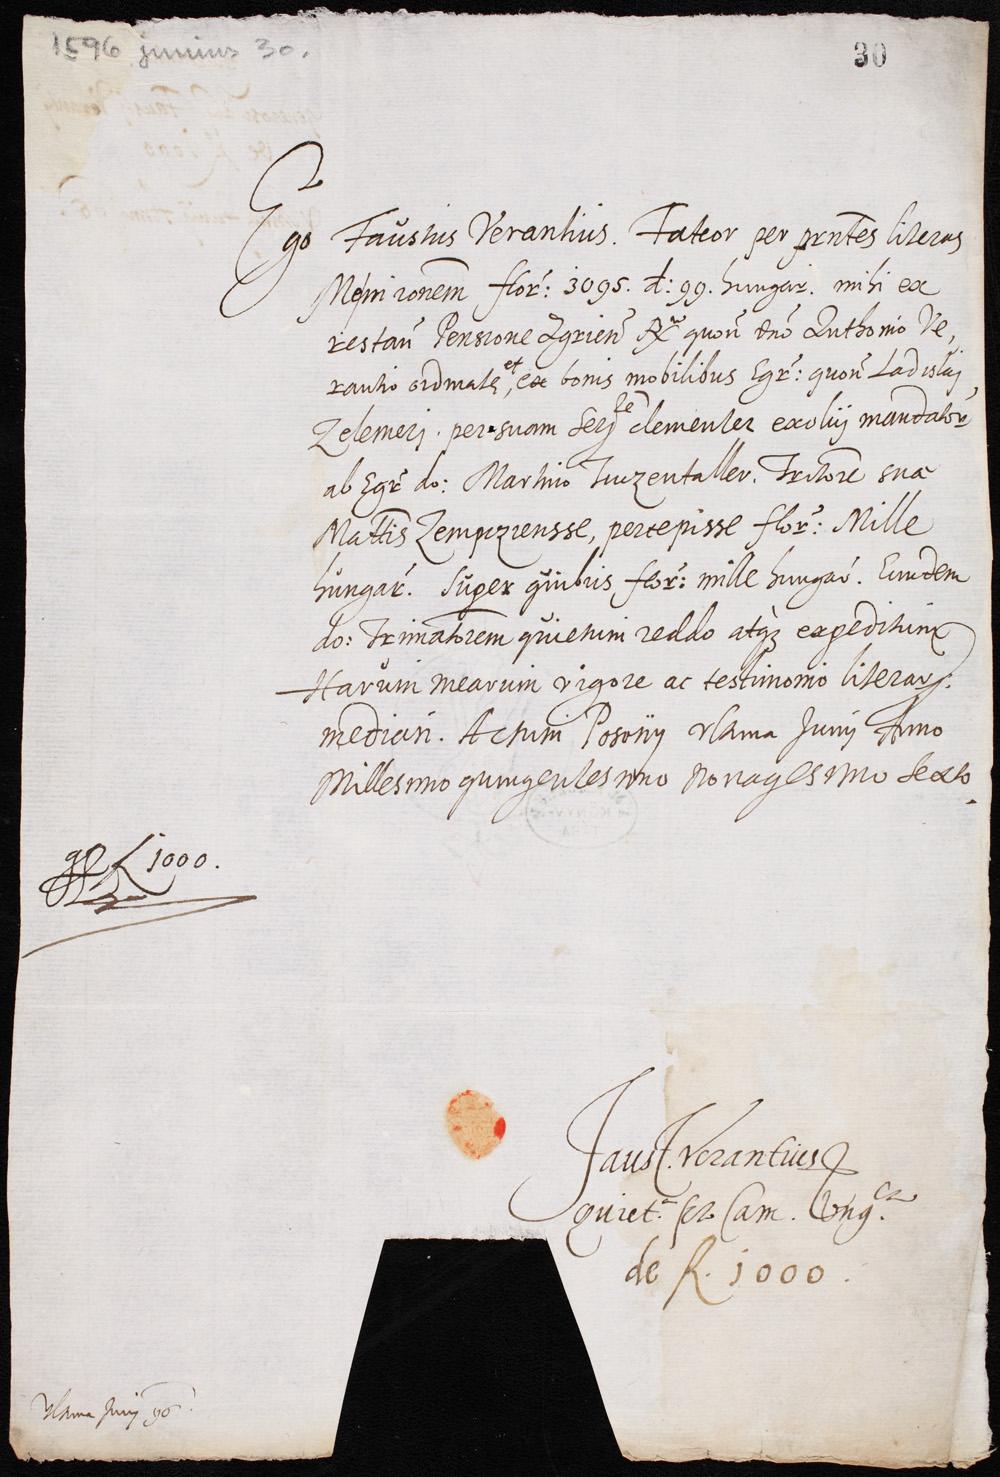 Verancsics Faustus 1596. június 30-án keltezésű autográfja. – Kézirattár. Jelzet: Fol.lat. 4006 II/30